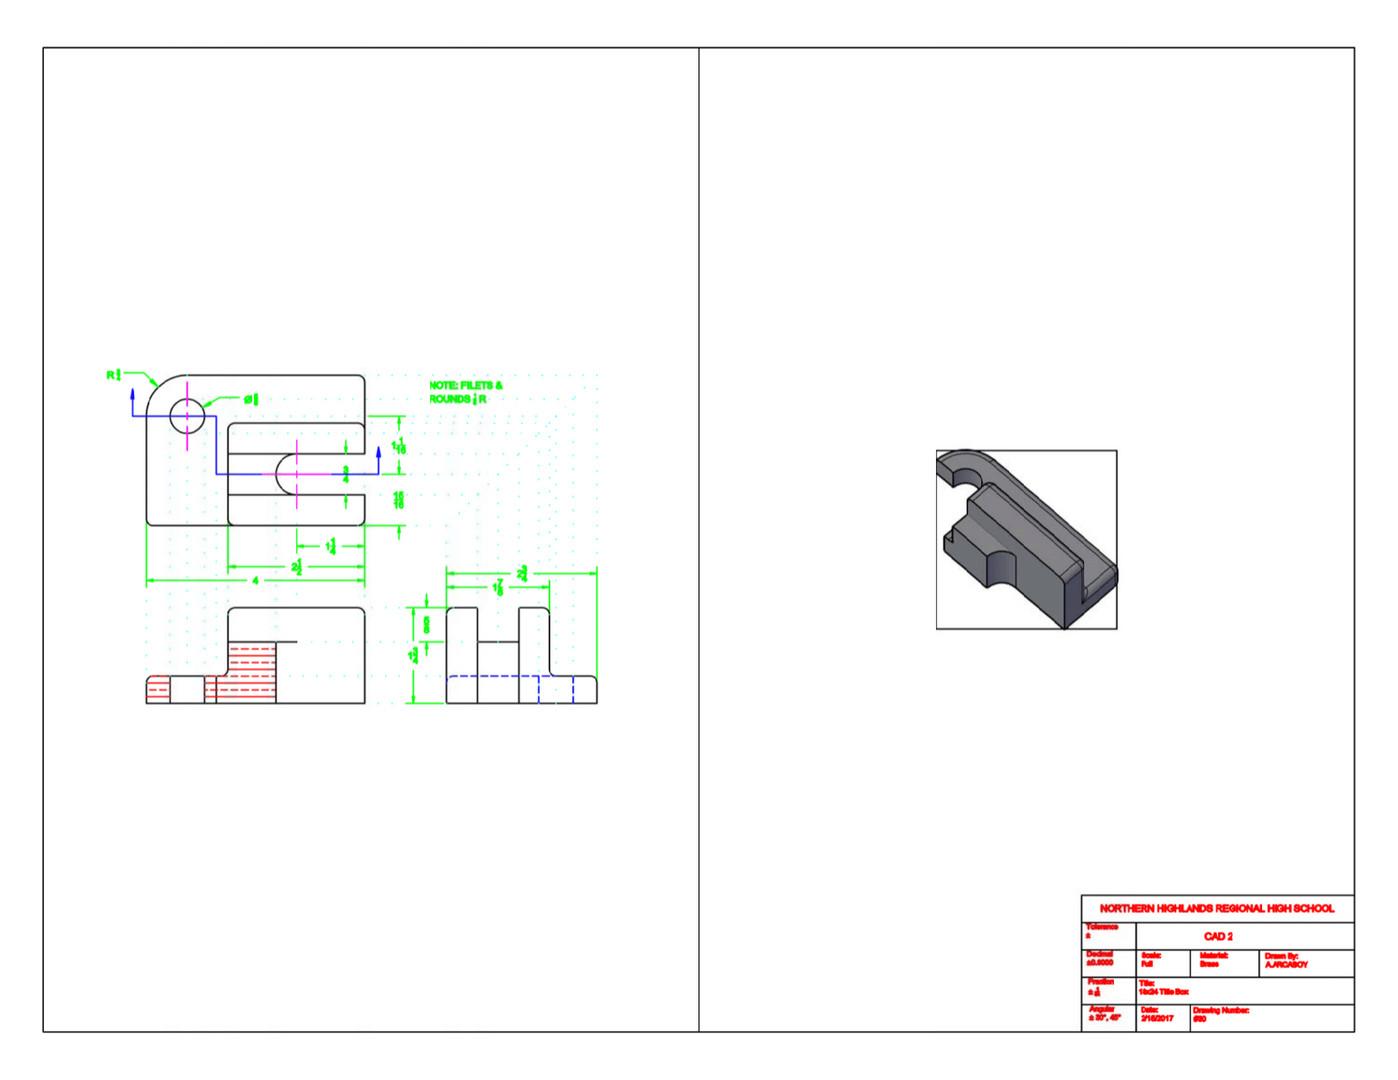 30-3d-holder-base-1_edited.jpg